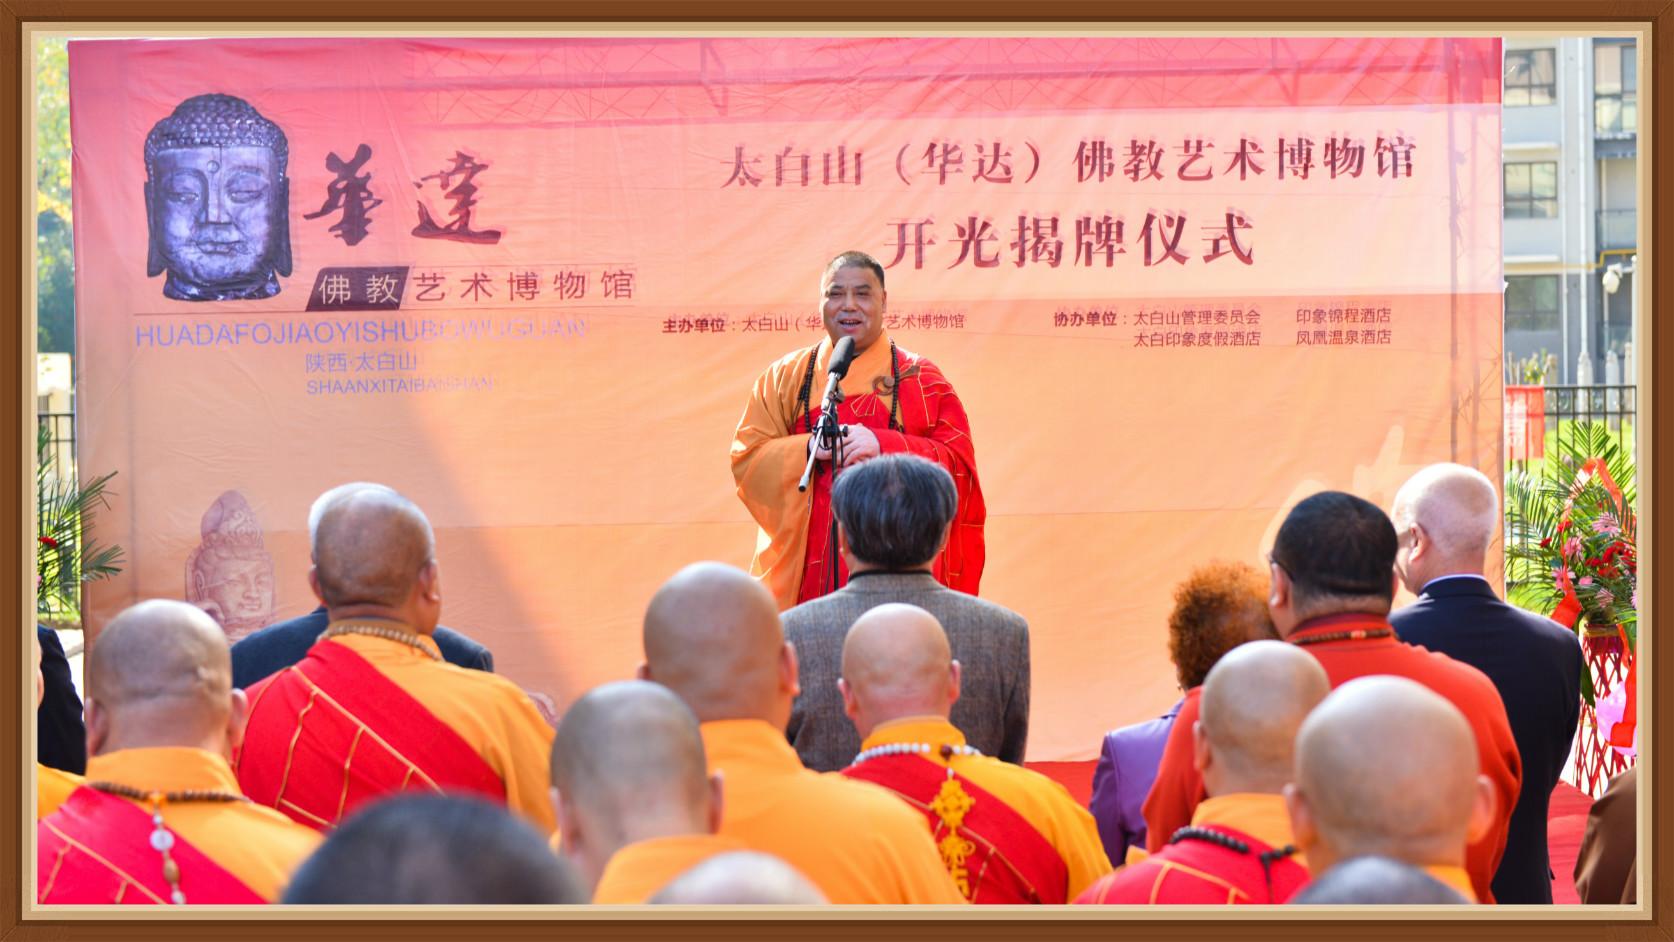 省佛协会长增勤法师在开光仪式上讲话